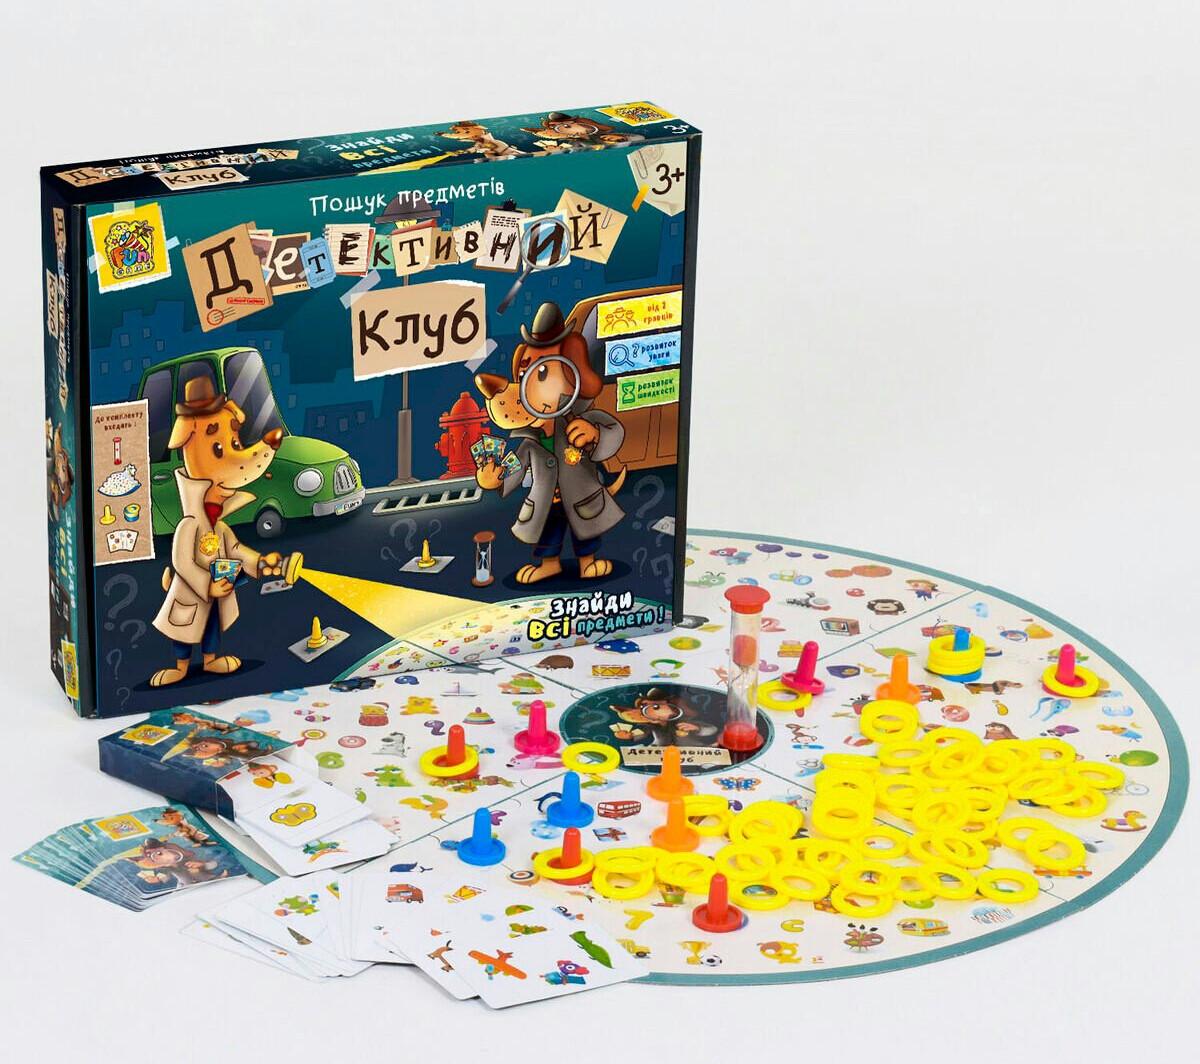 Настільна гра Детективний клуб Fun Game Знайди всі предмети 54054